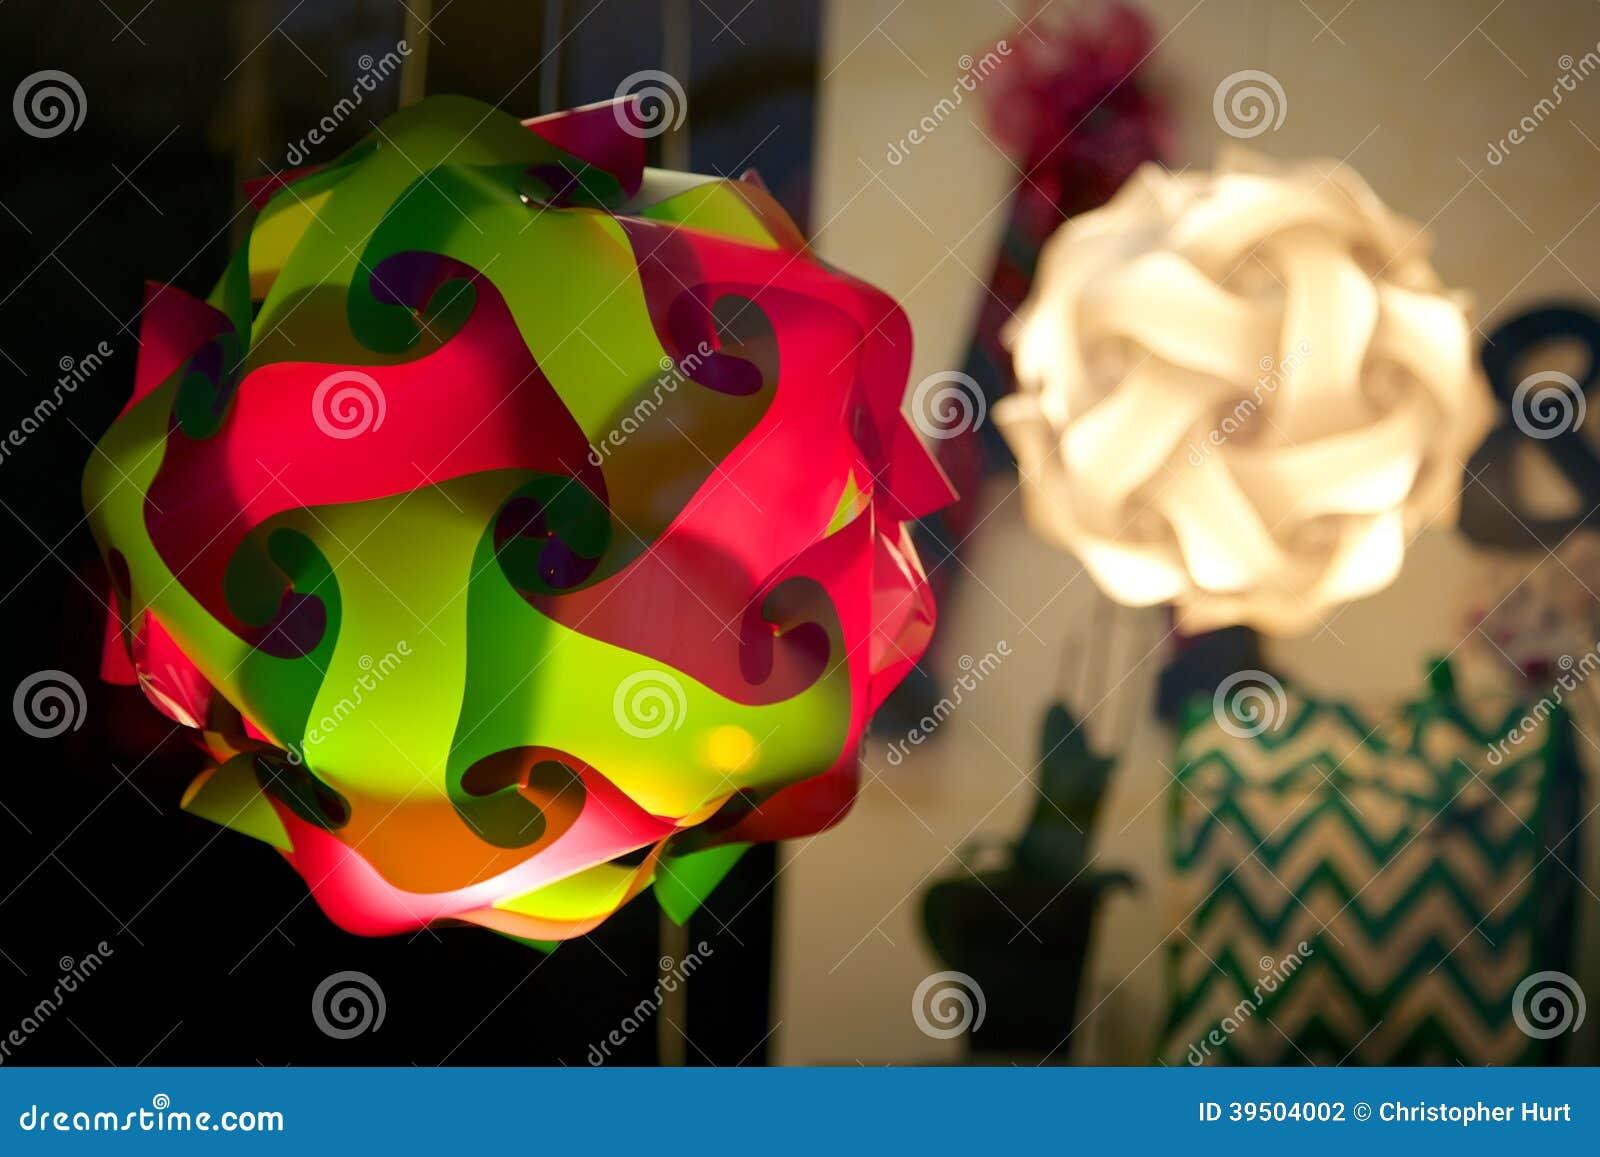 Lamps in Shop Window